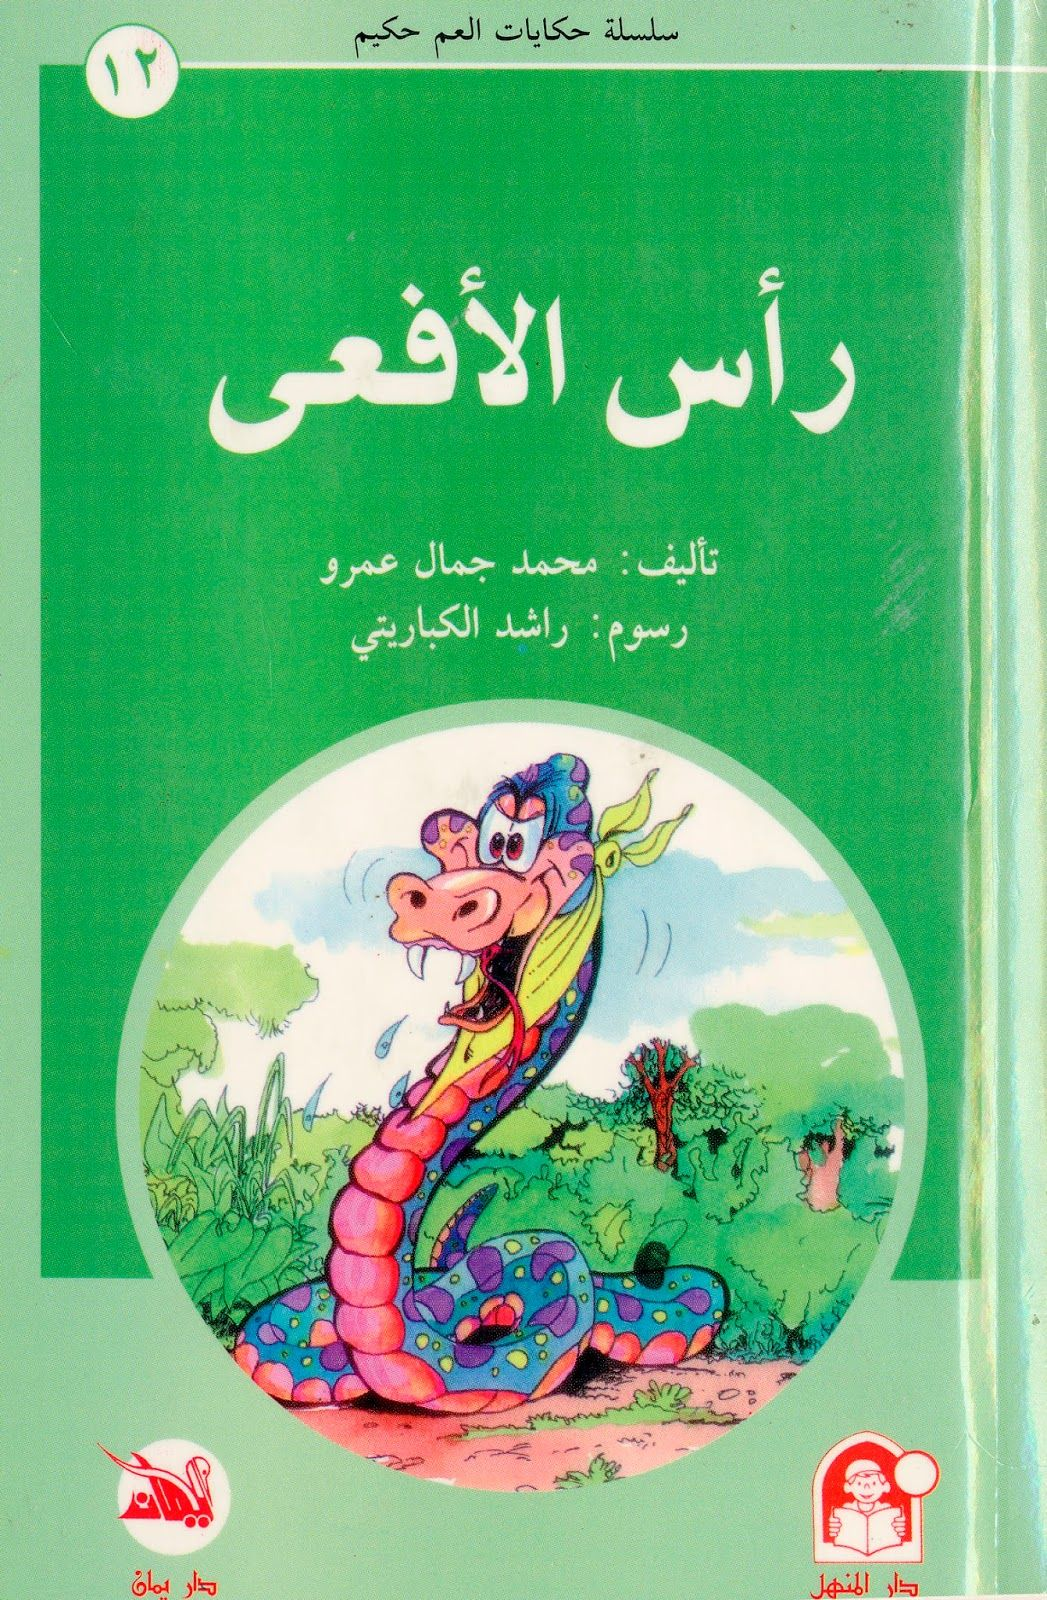 مدونة حي بن يقظان رأس الأفعى قصة للأطفال بقلم محمد جمال عمرو Book Cover Blog Blog Posts